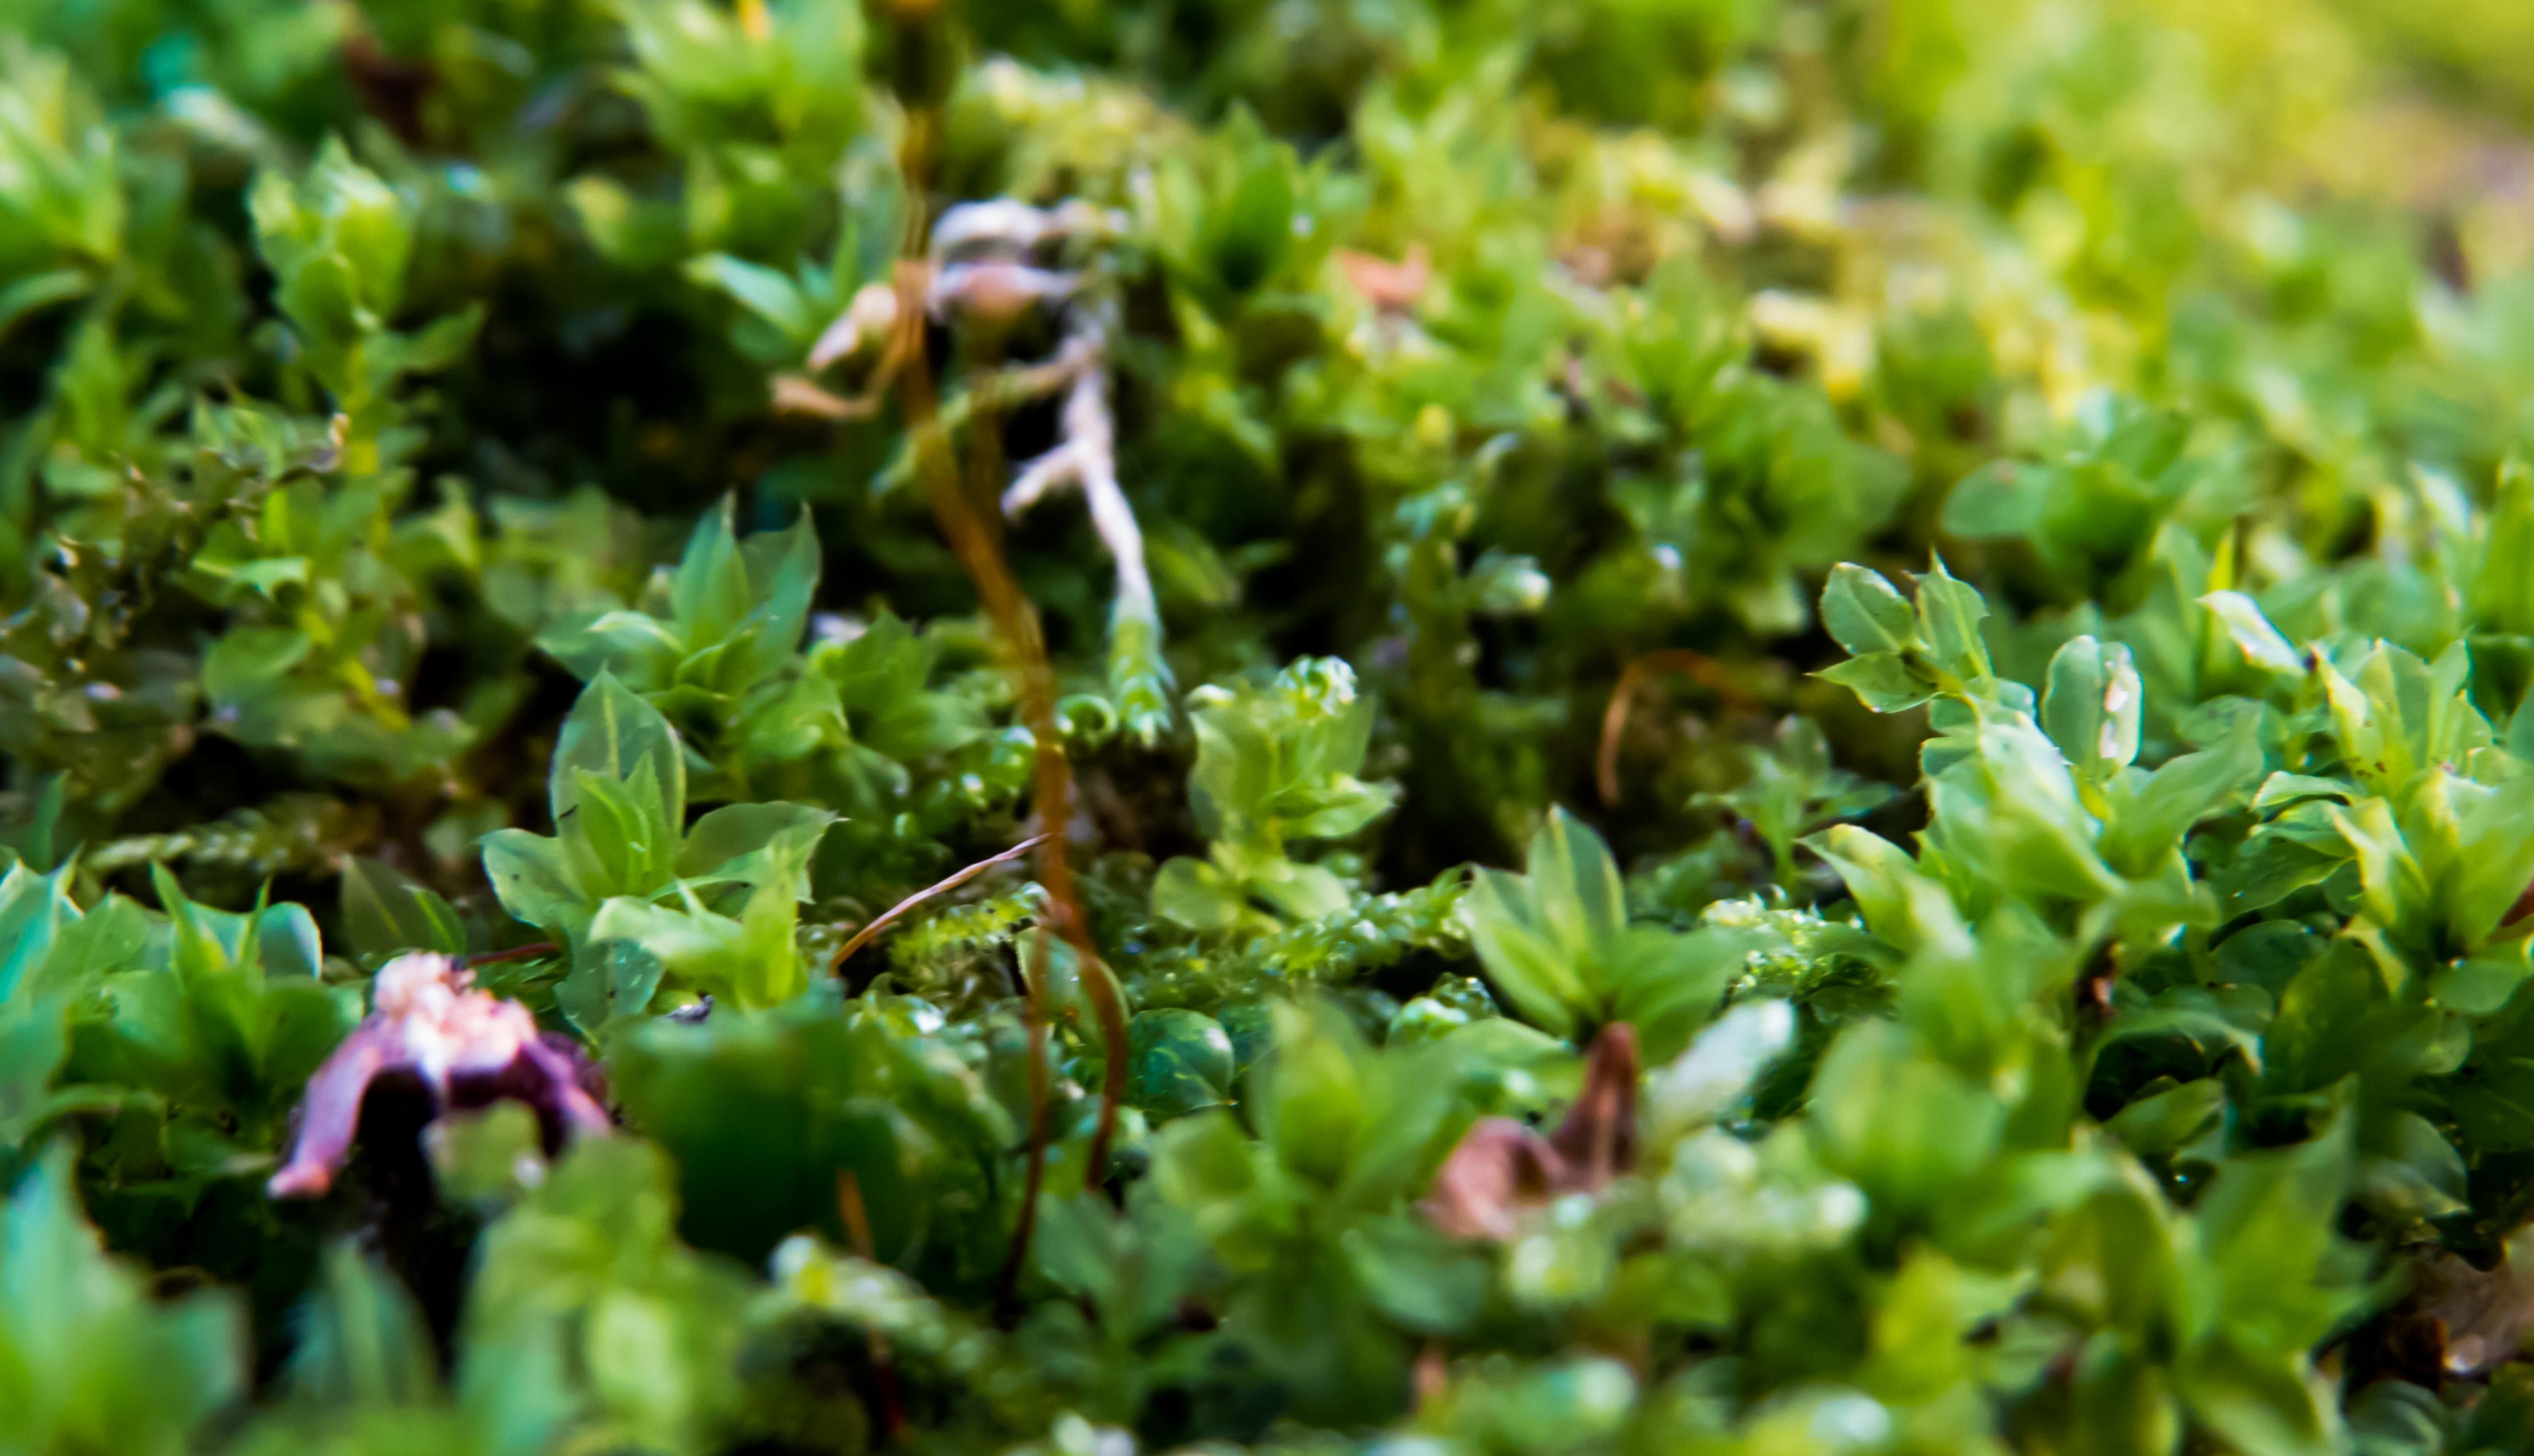 Some plants photo